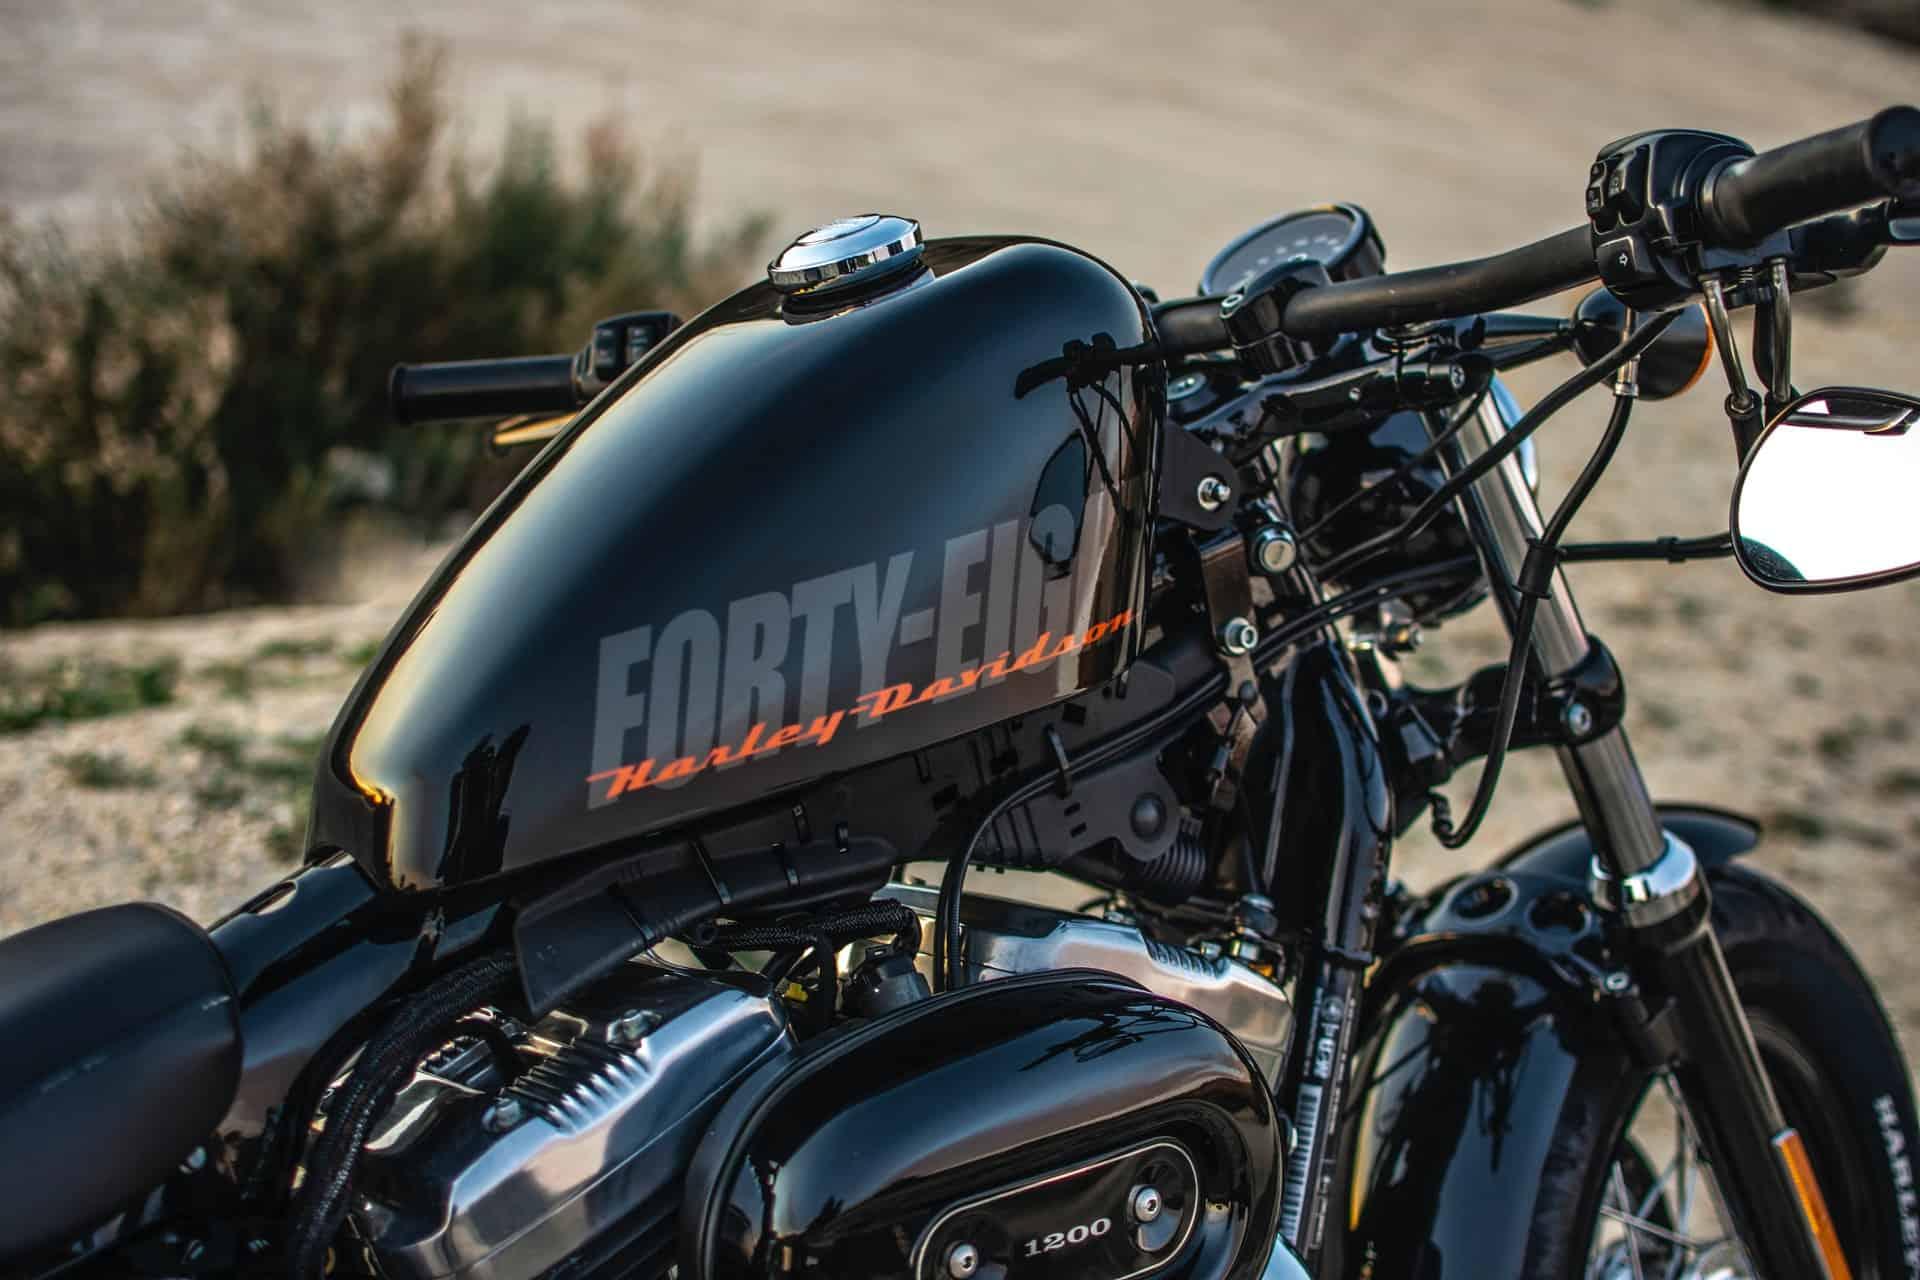 detailing motorcycle black